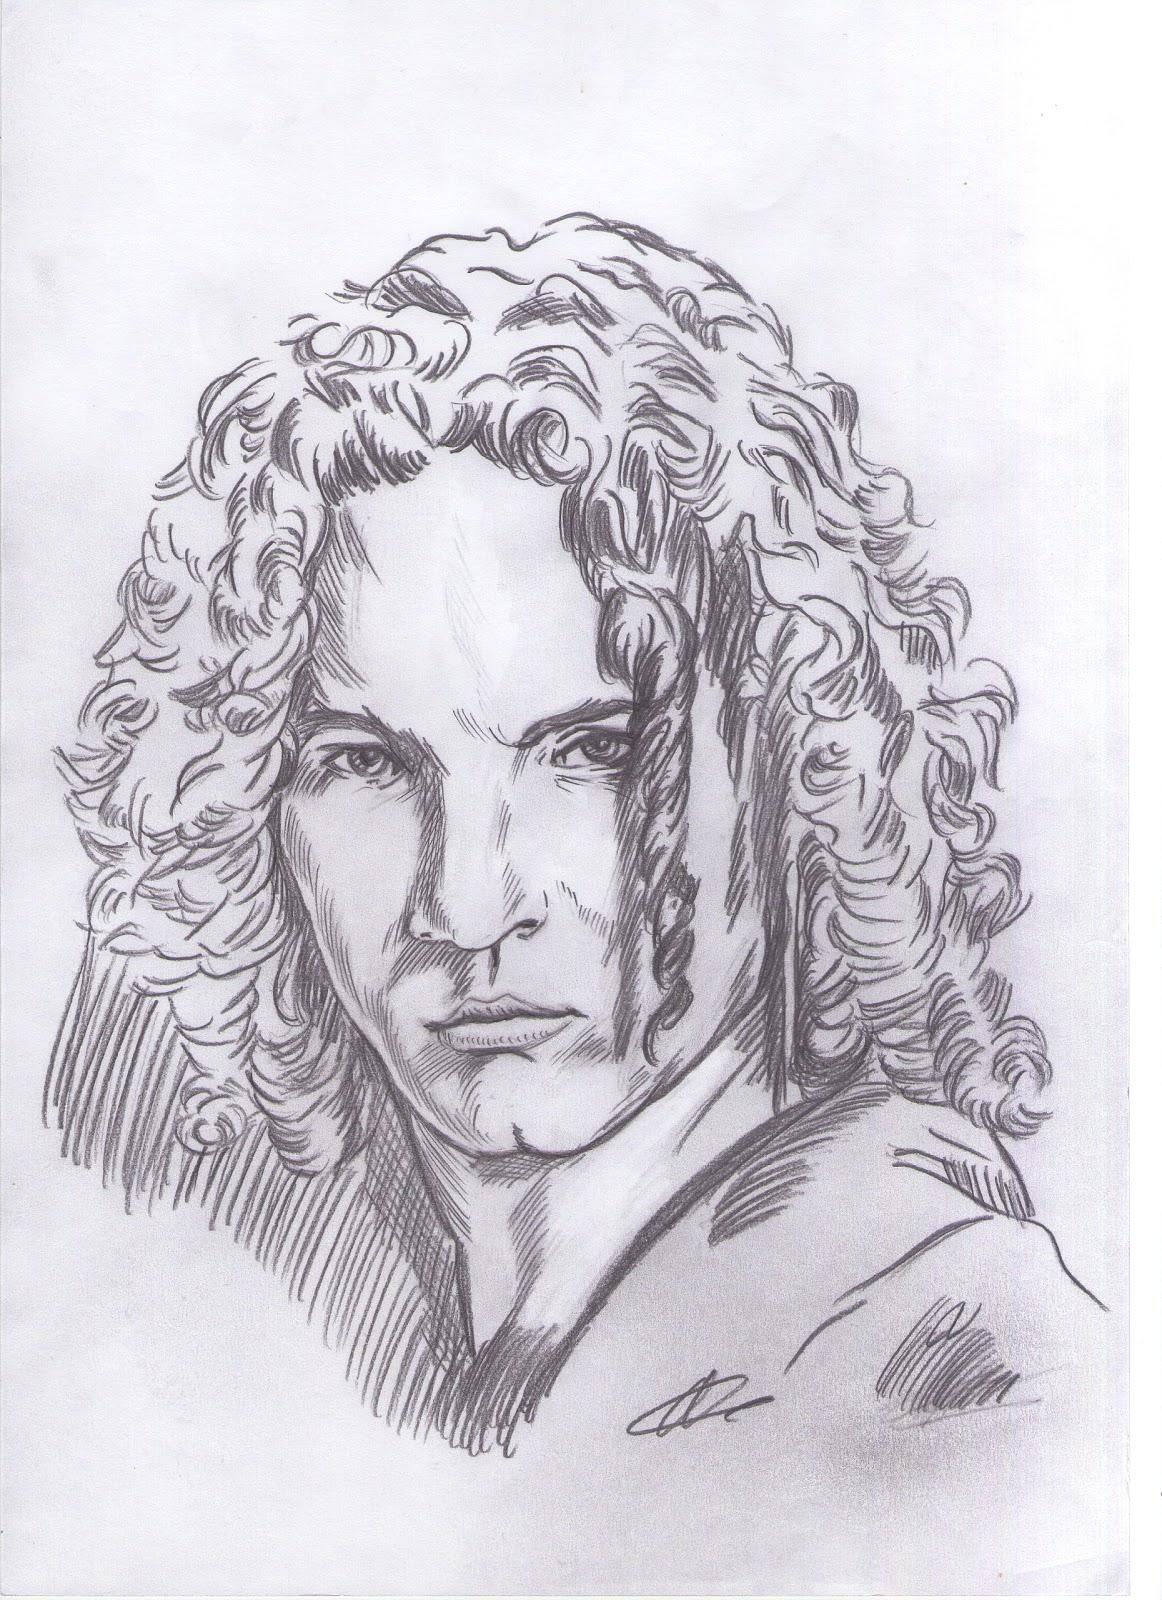 dibujos a lápiz de famosos 2